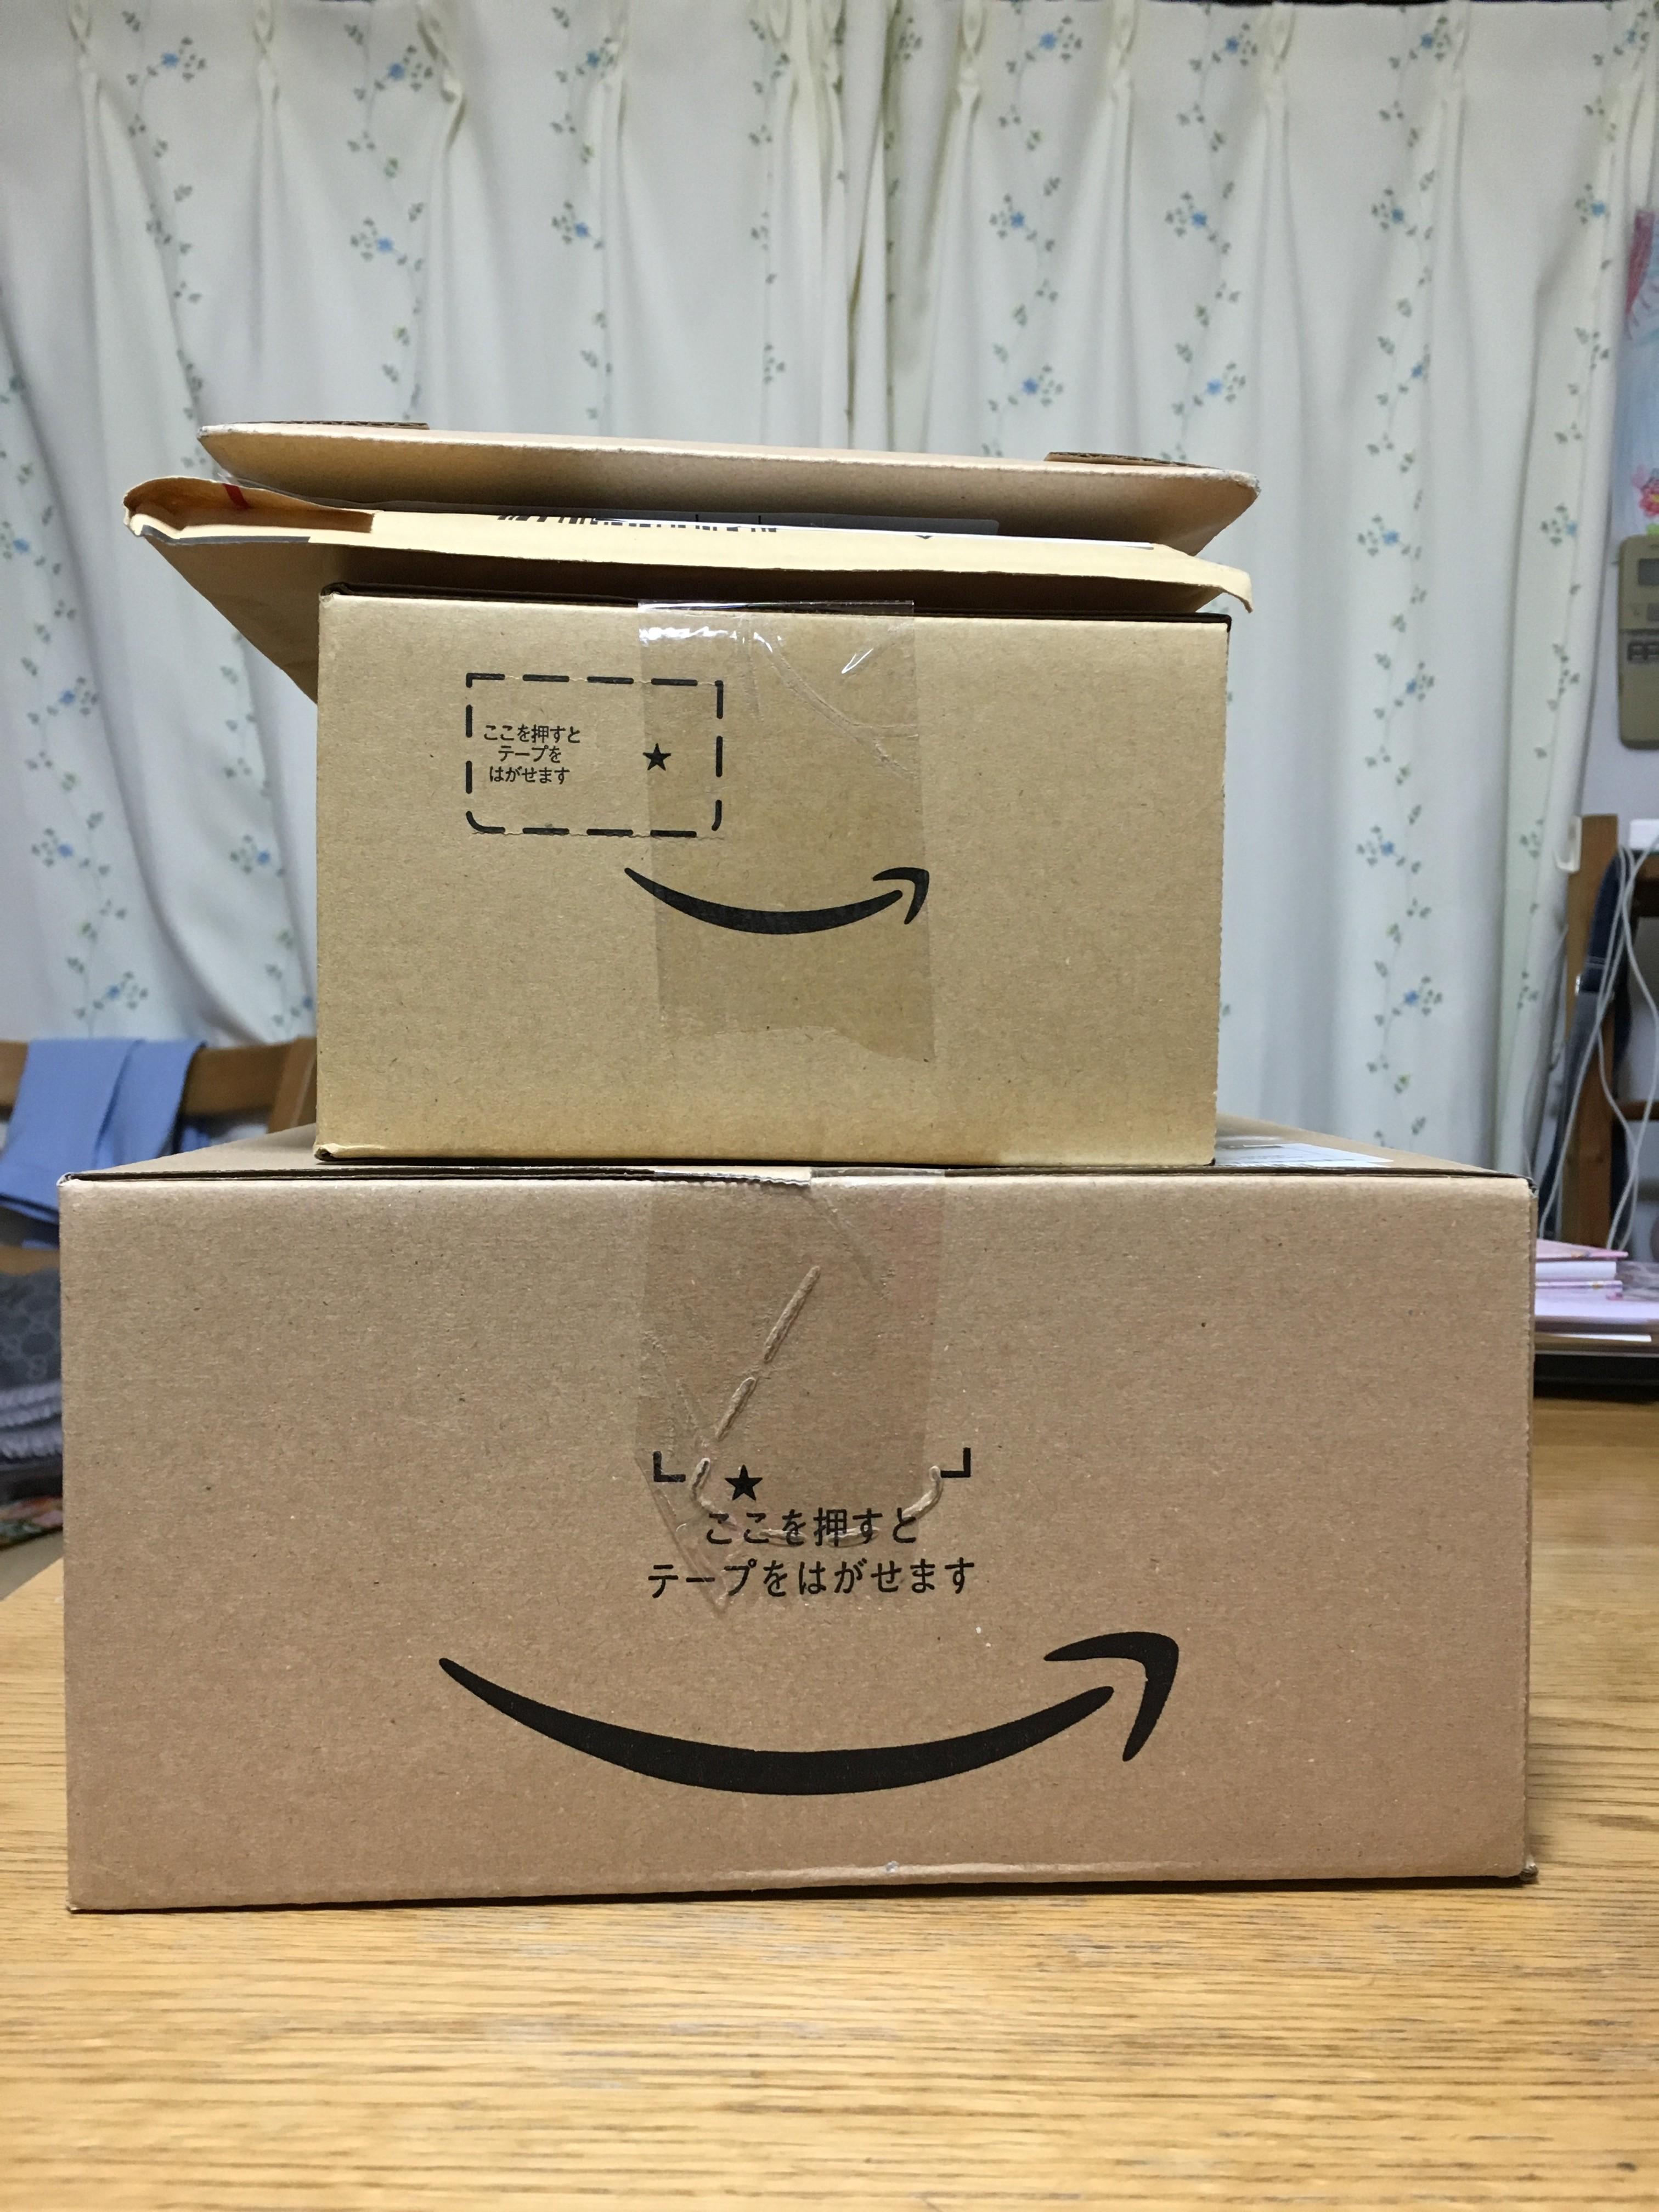 存在給を確かめる。Amazonの欲しいものリストを公開してみた!